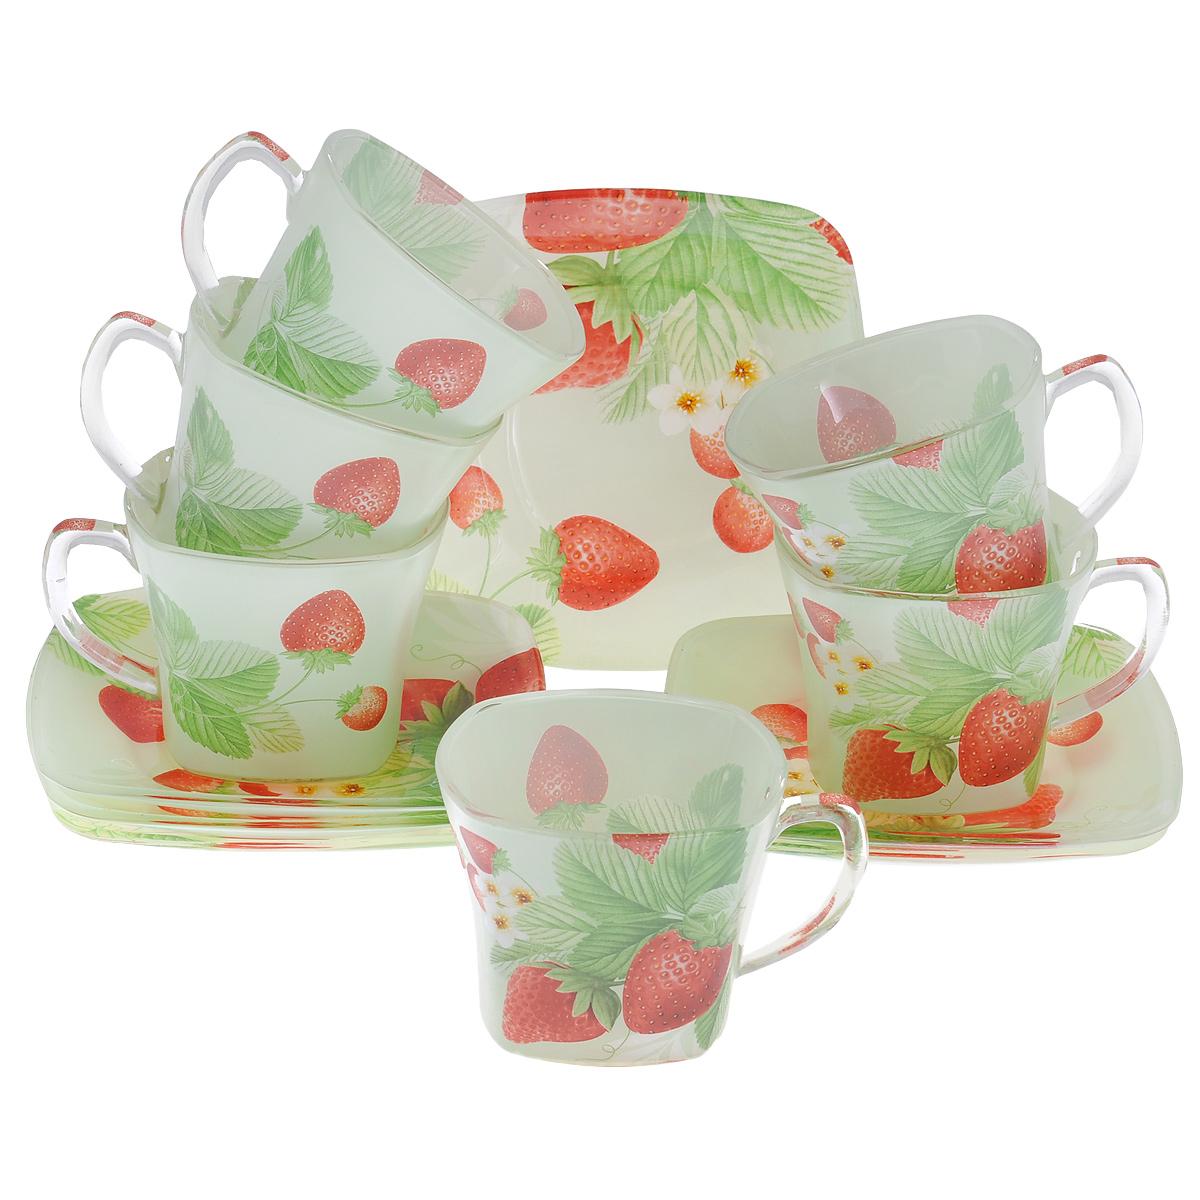 Набор посуды Клубника, 12 предметов10152Набор посуды состоит из 6 блюдец и 6 чашек. Изделия выполнены из высококачественного стекла и оформлены изображением ягод клубники. Этот набор эффектно украсит стол, а также прекрасно подойдет для торжественных случаев. Красочность оформления придется по вкусу и ценителям классики, и тем, кто предпочитает утонченность и изящность.